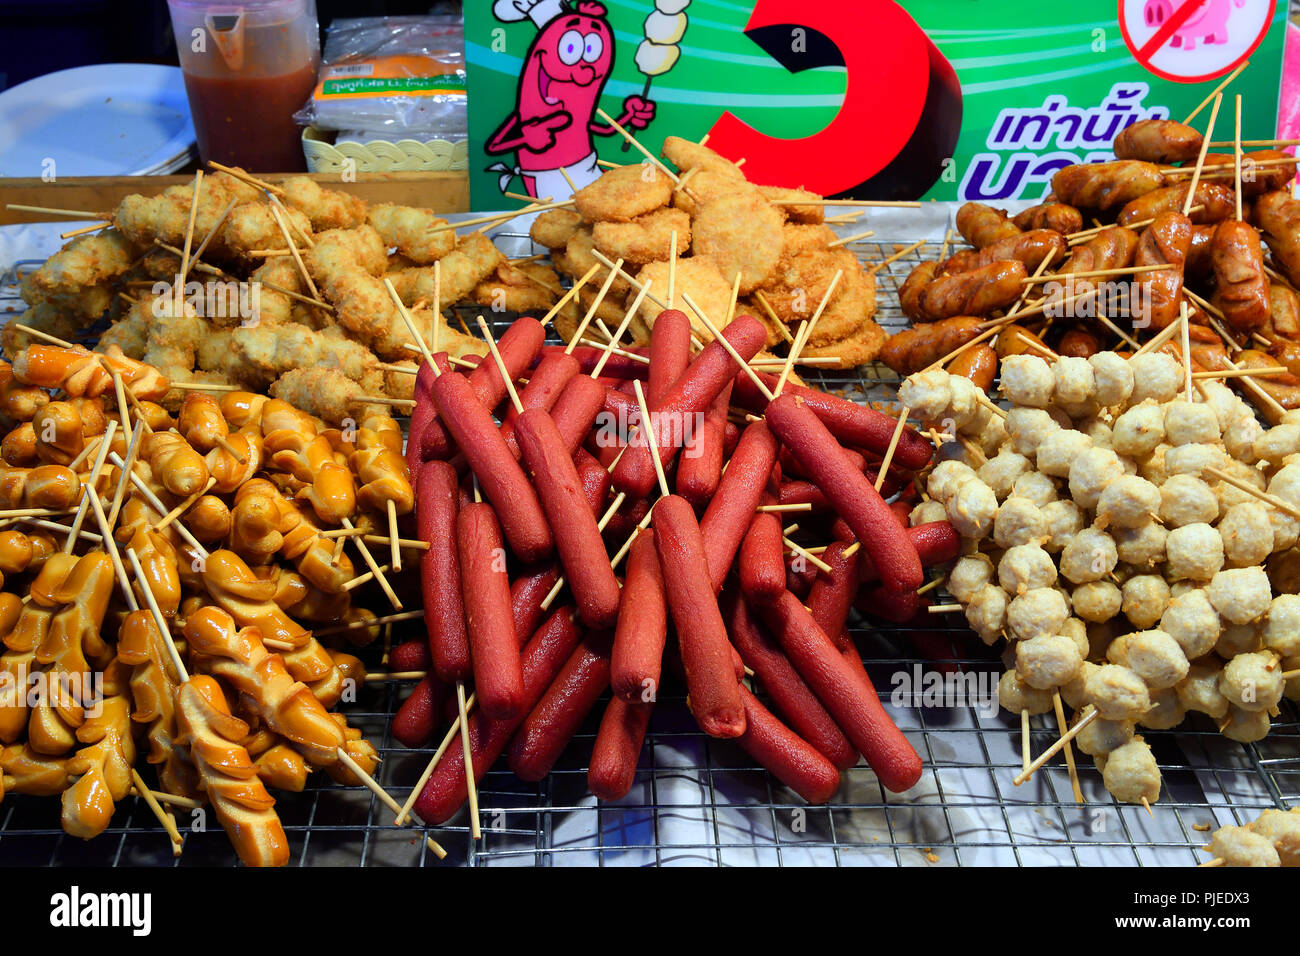 State with dishes typical for country, Chillva market, Phuket, Thailand, Stand mit landestypischen Speisen,  Chillva Markt - Stock Image